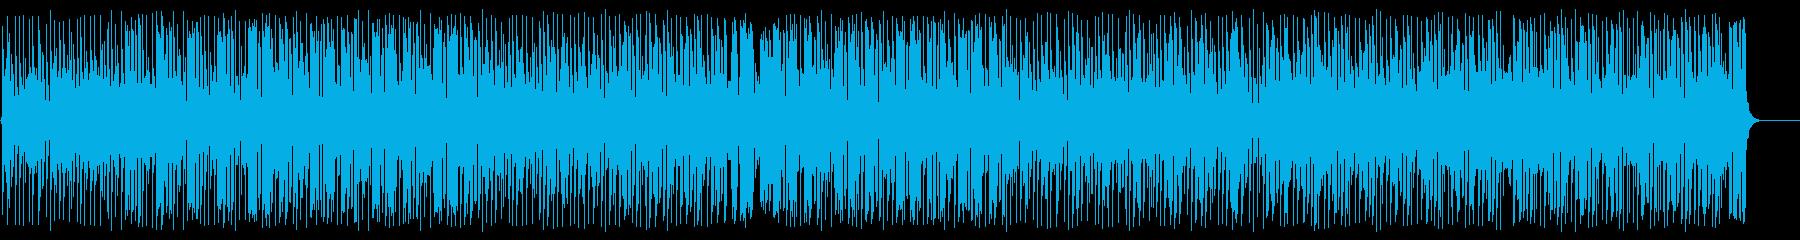 トロピカルでリズミカルな南国曲の再生済みの波形